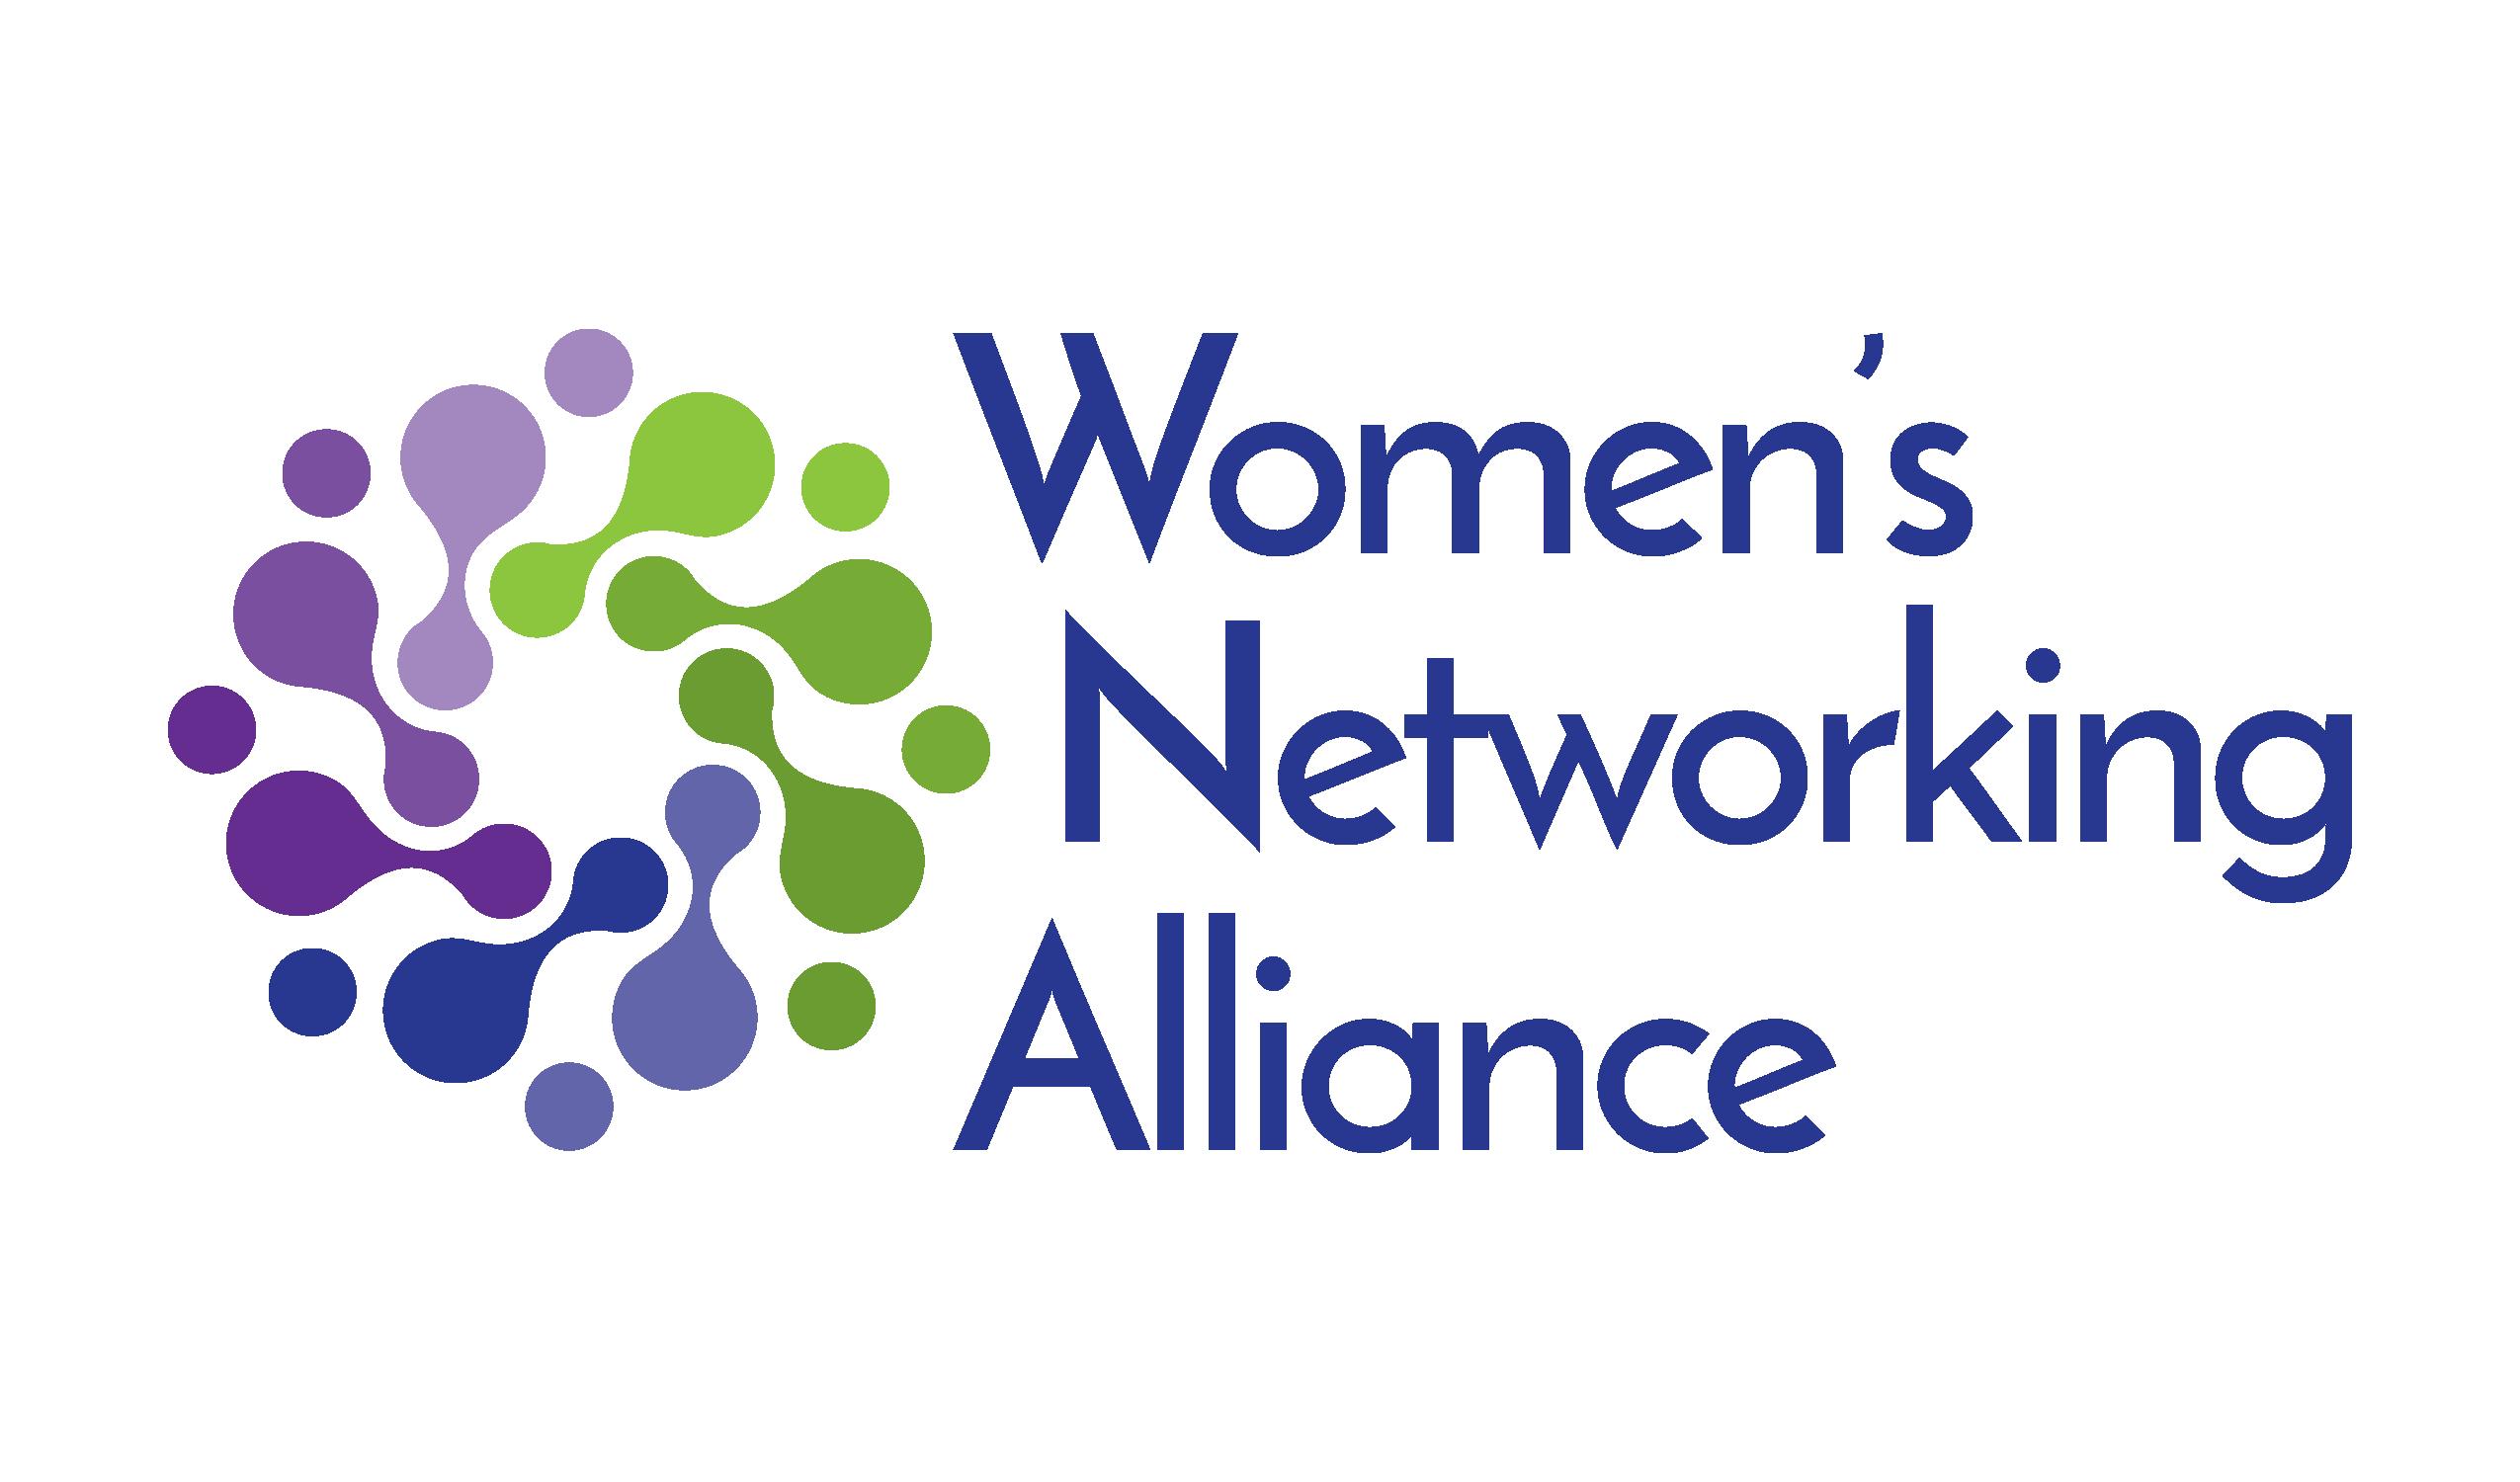 Women's Networking Alliance